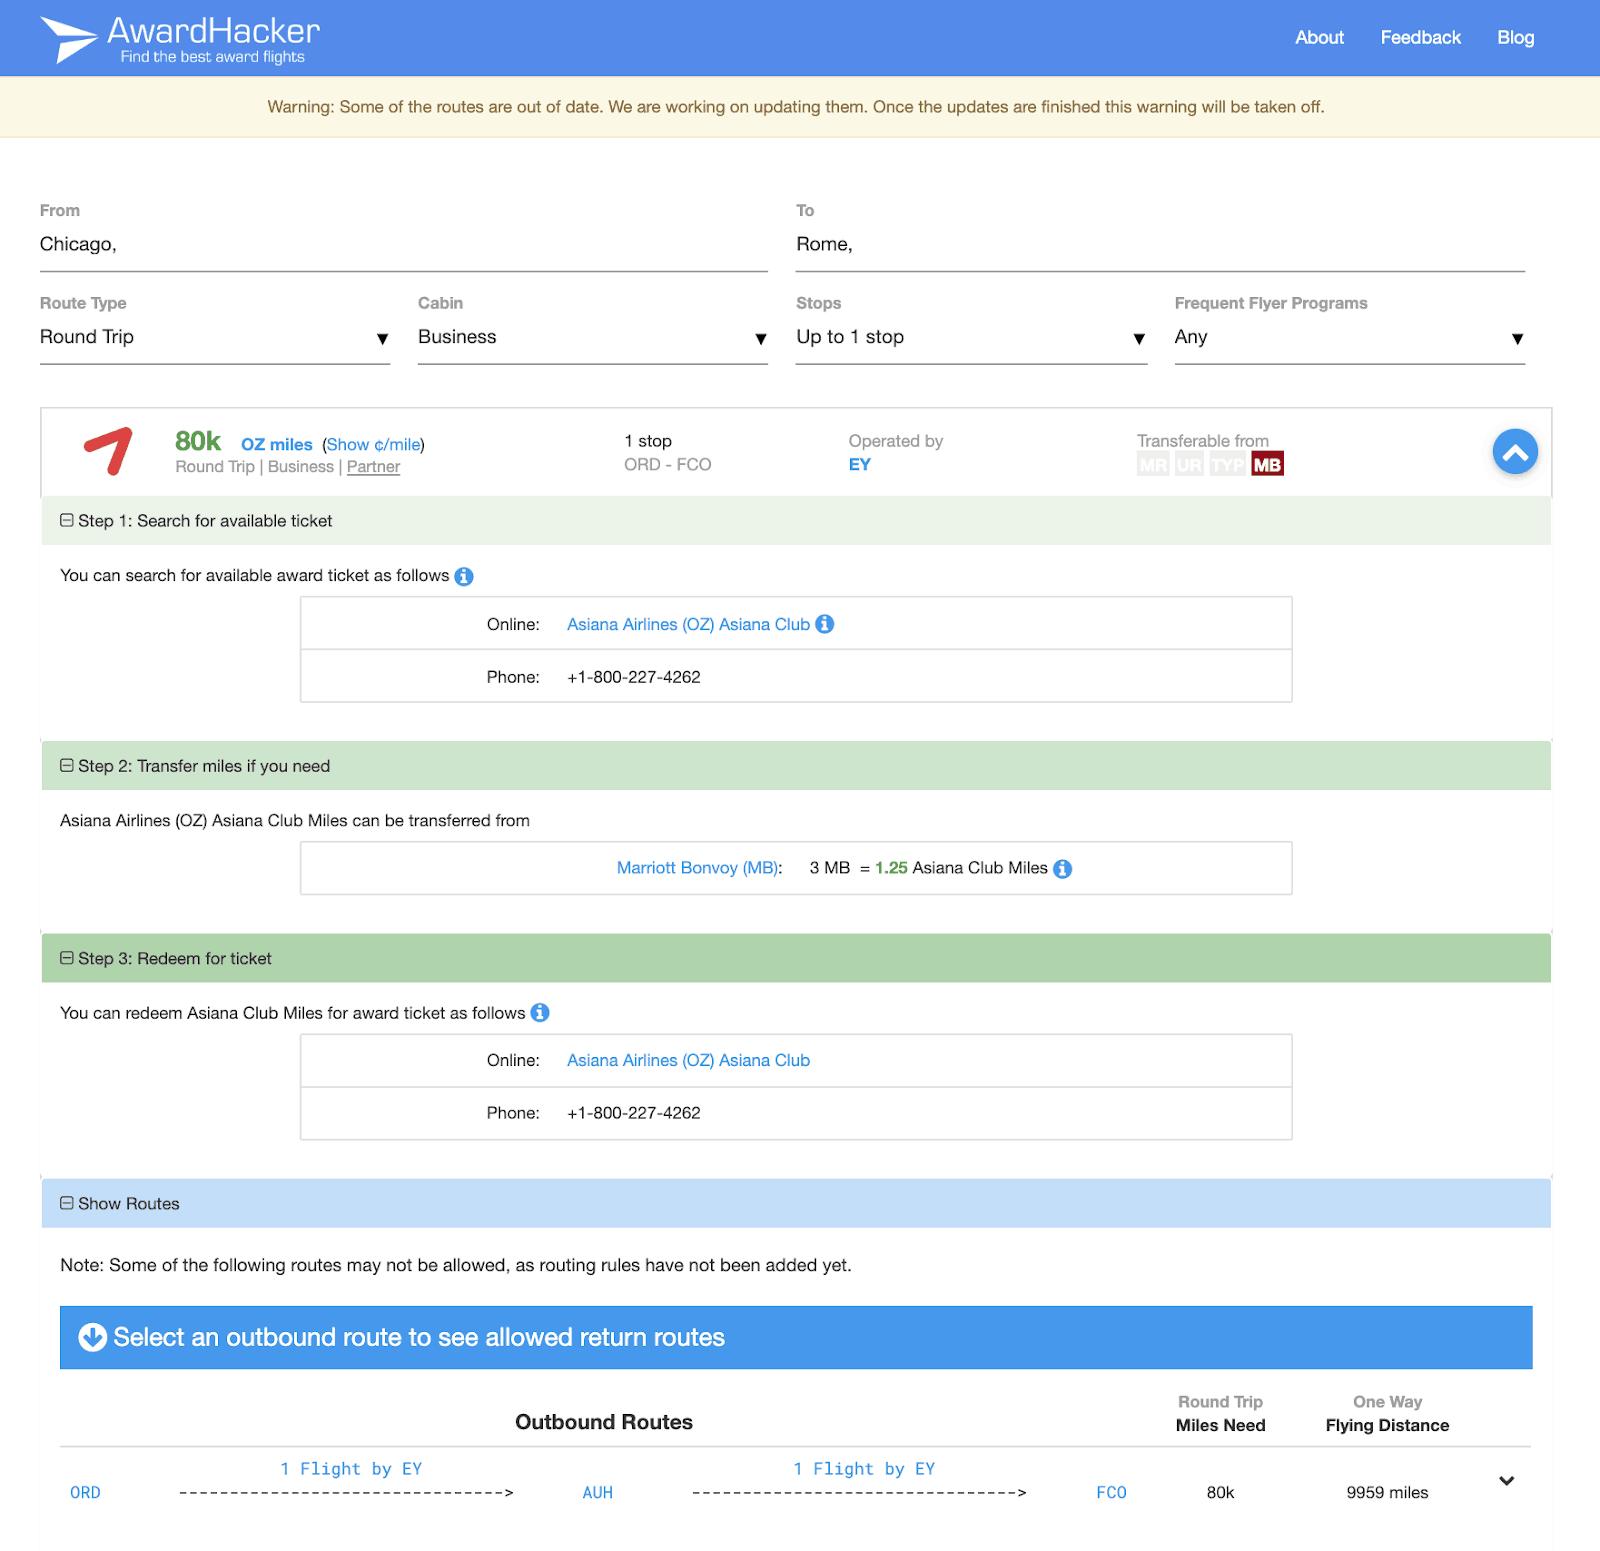 AwardHacker Flight Options